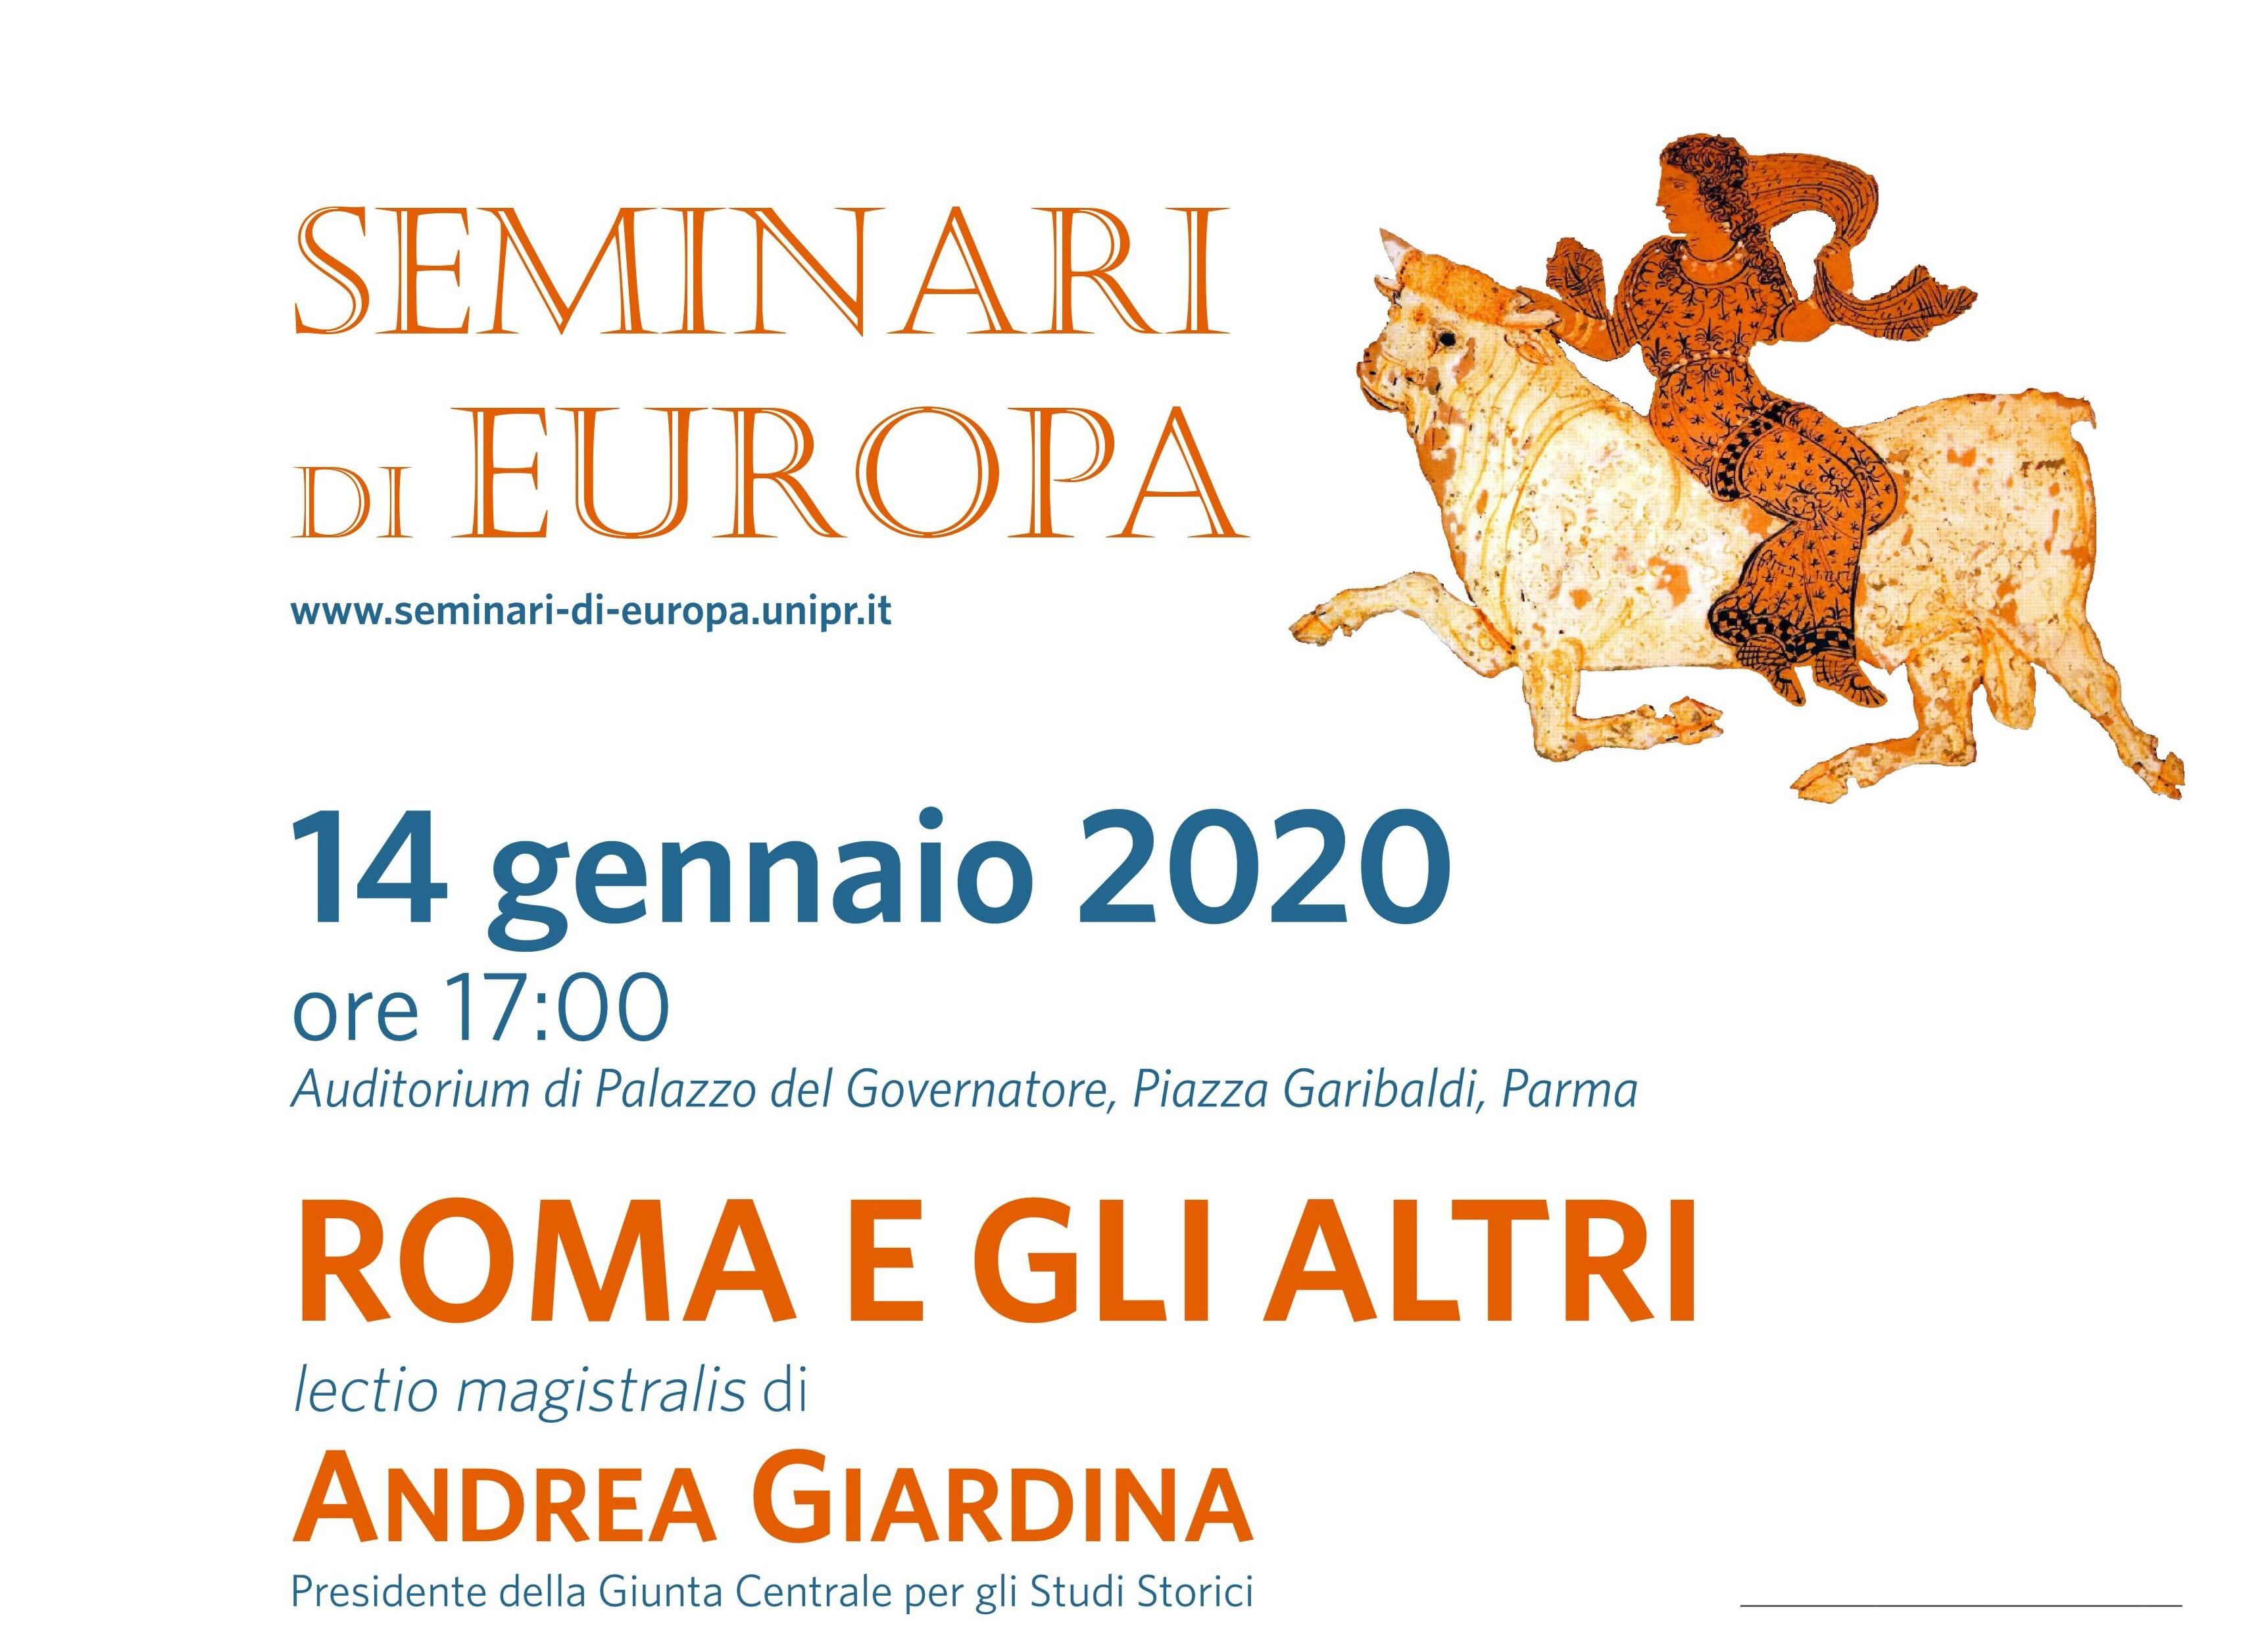 """""""ROMA E GLI ALTRI"""", LECTIO MAGISTRALIS DI ANDREA GIARDINA  gover al Palazzo del Governatore"""